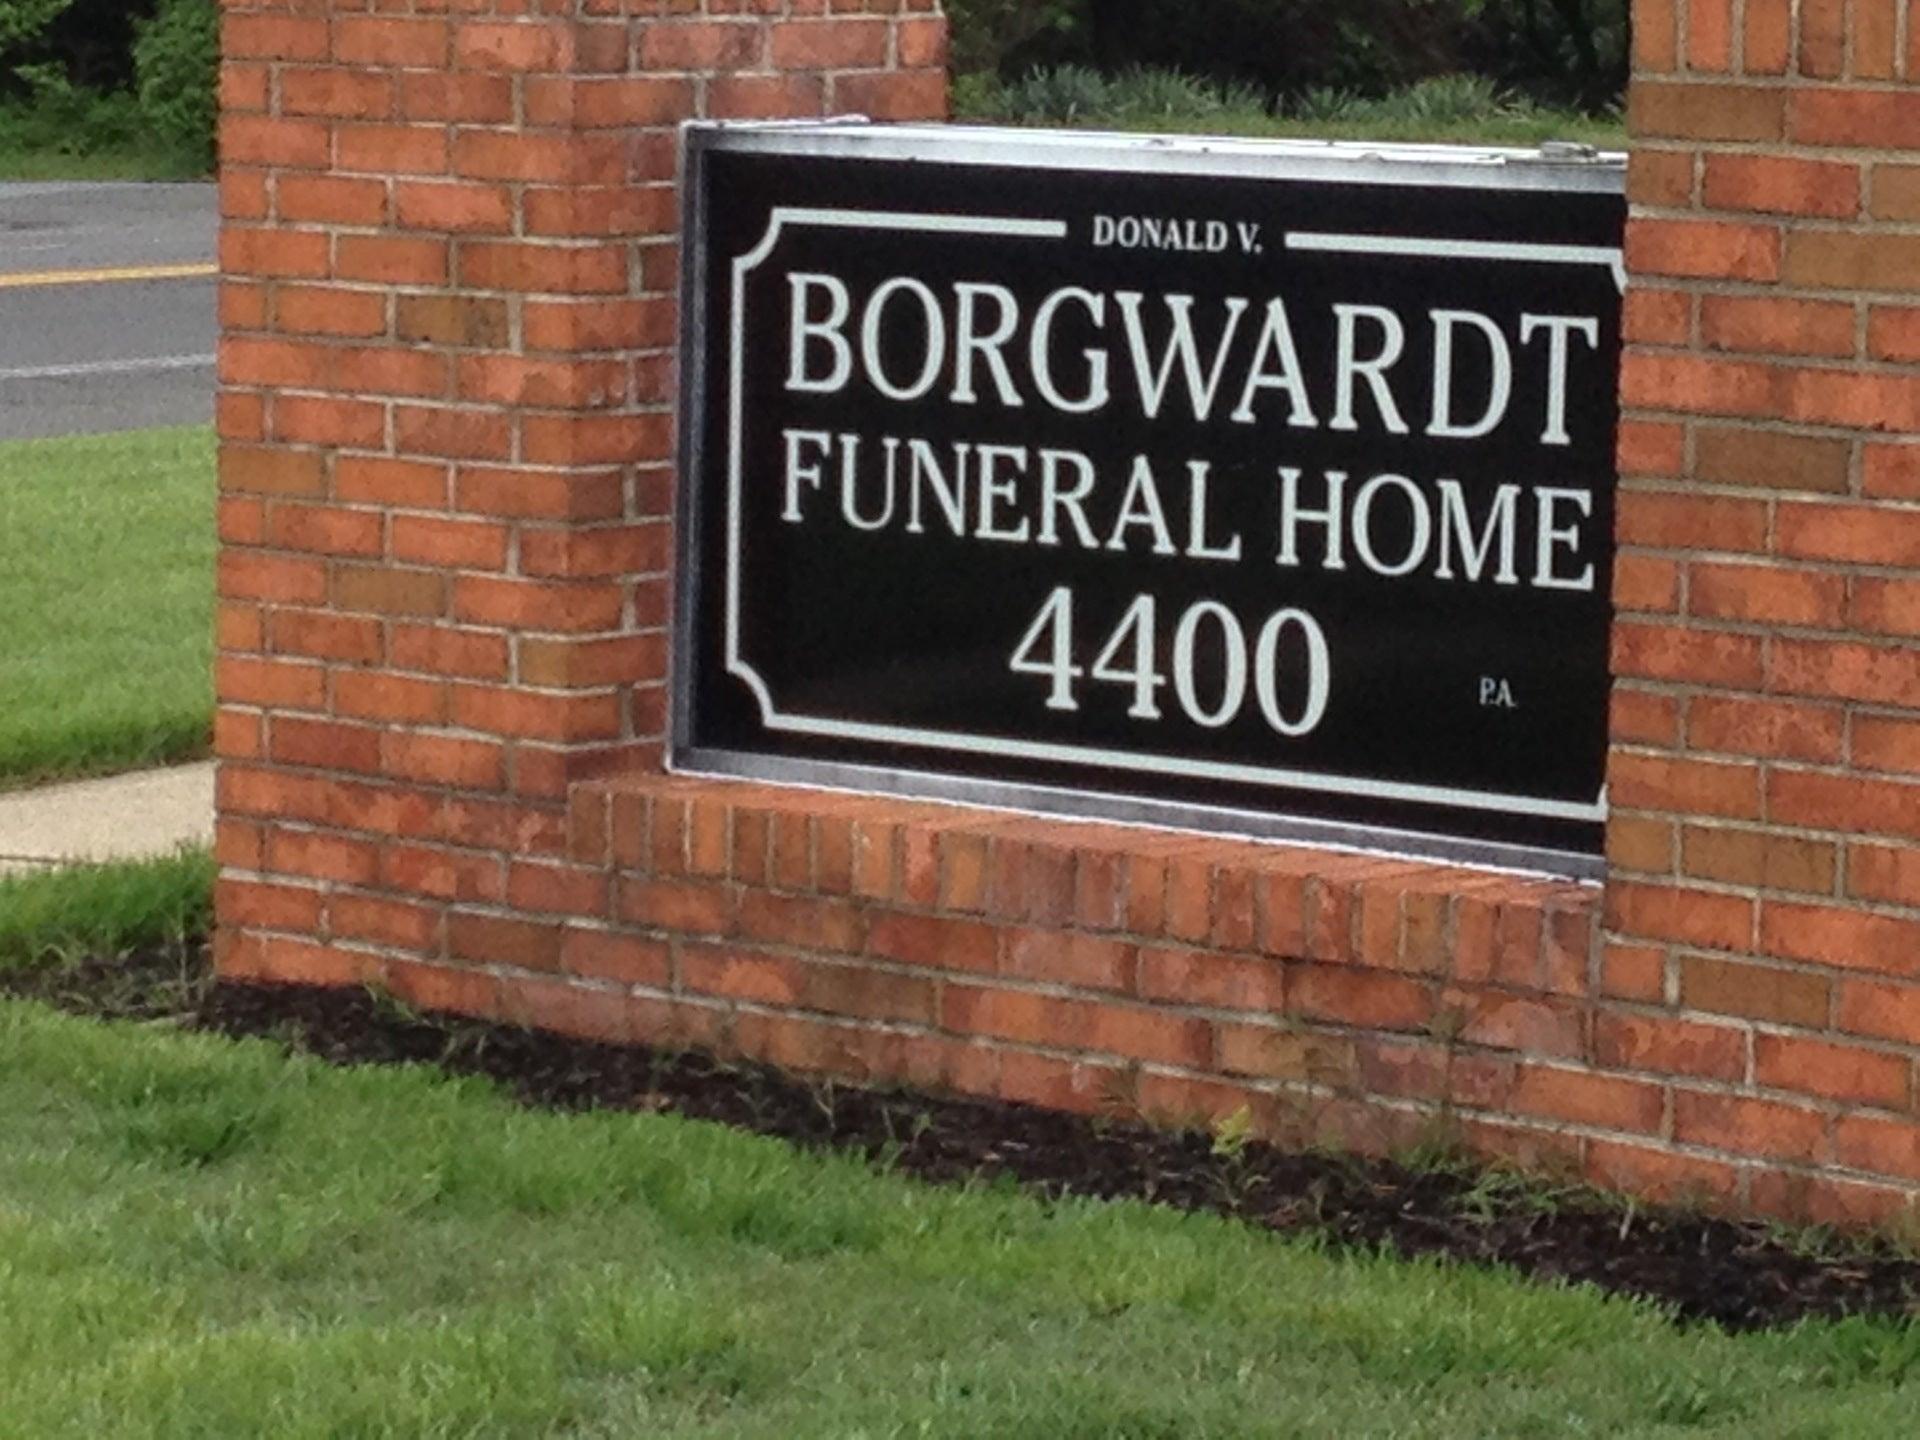 Borgwardt Donald V Funeral Home,